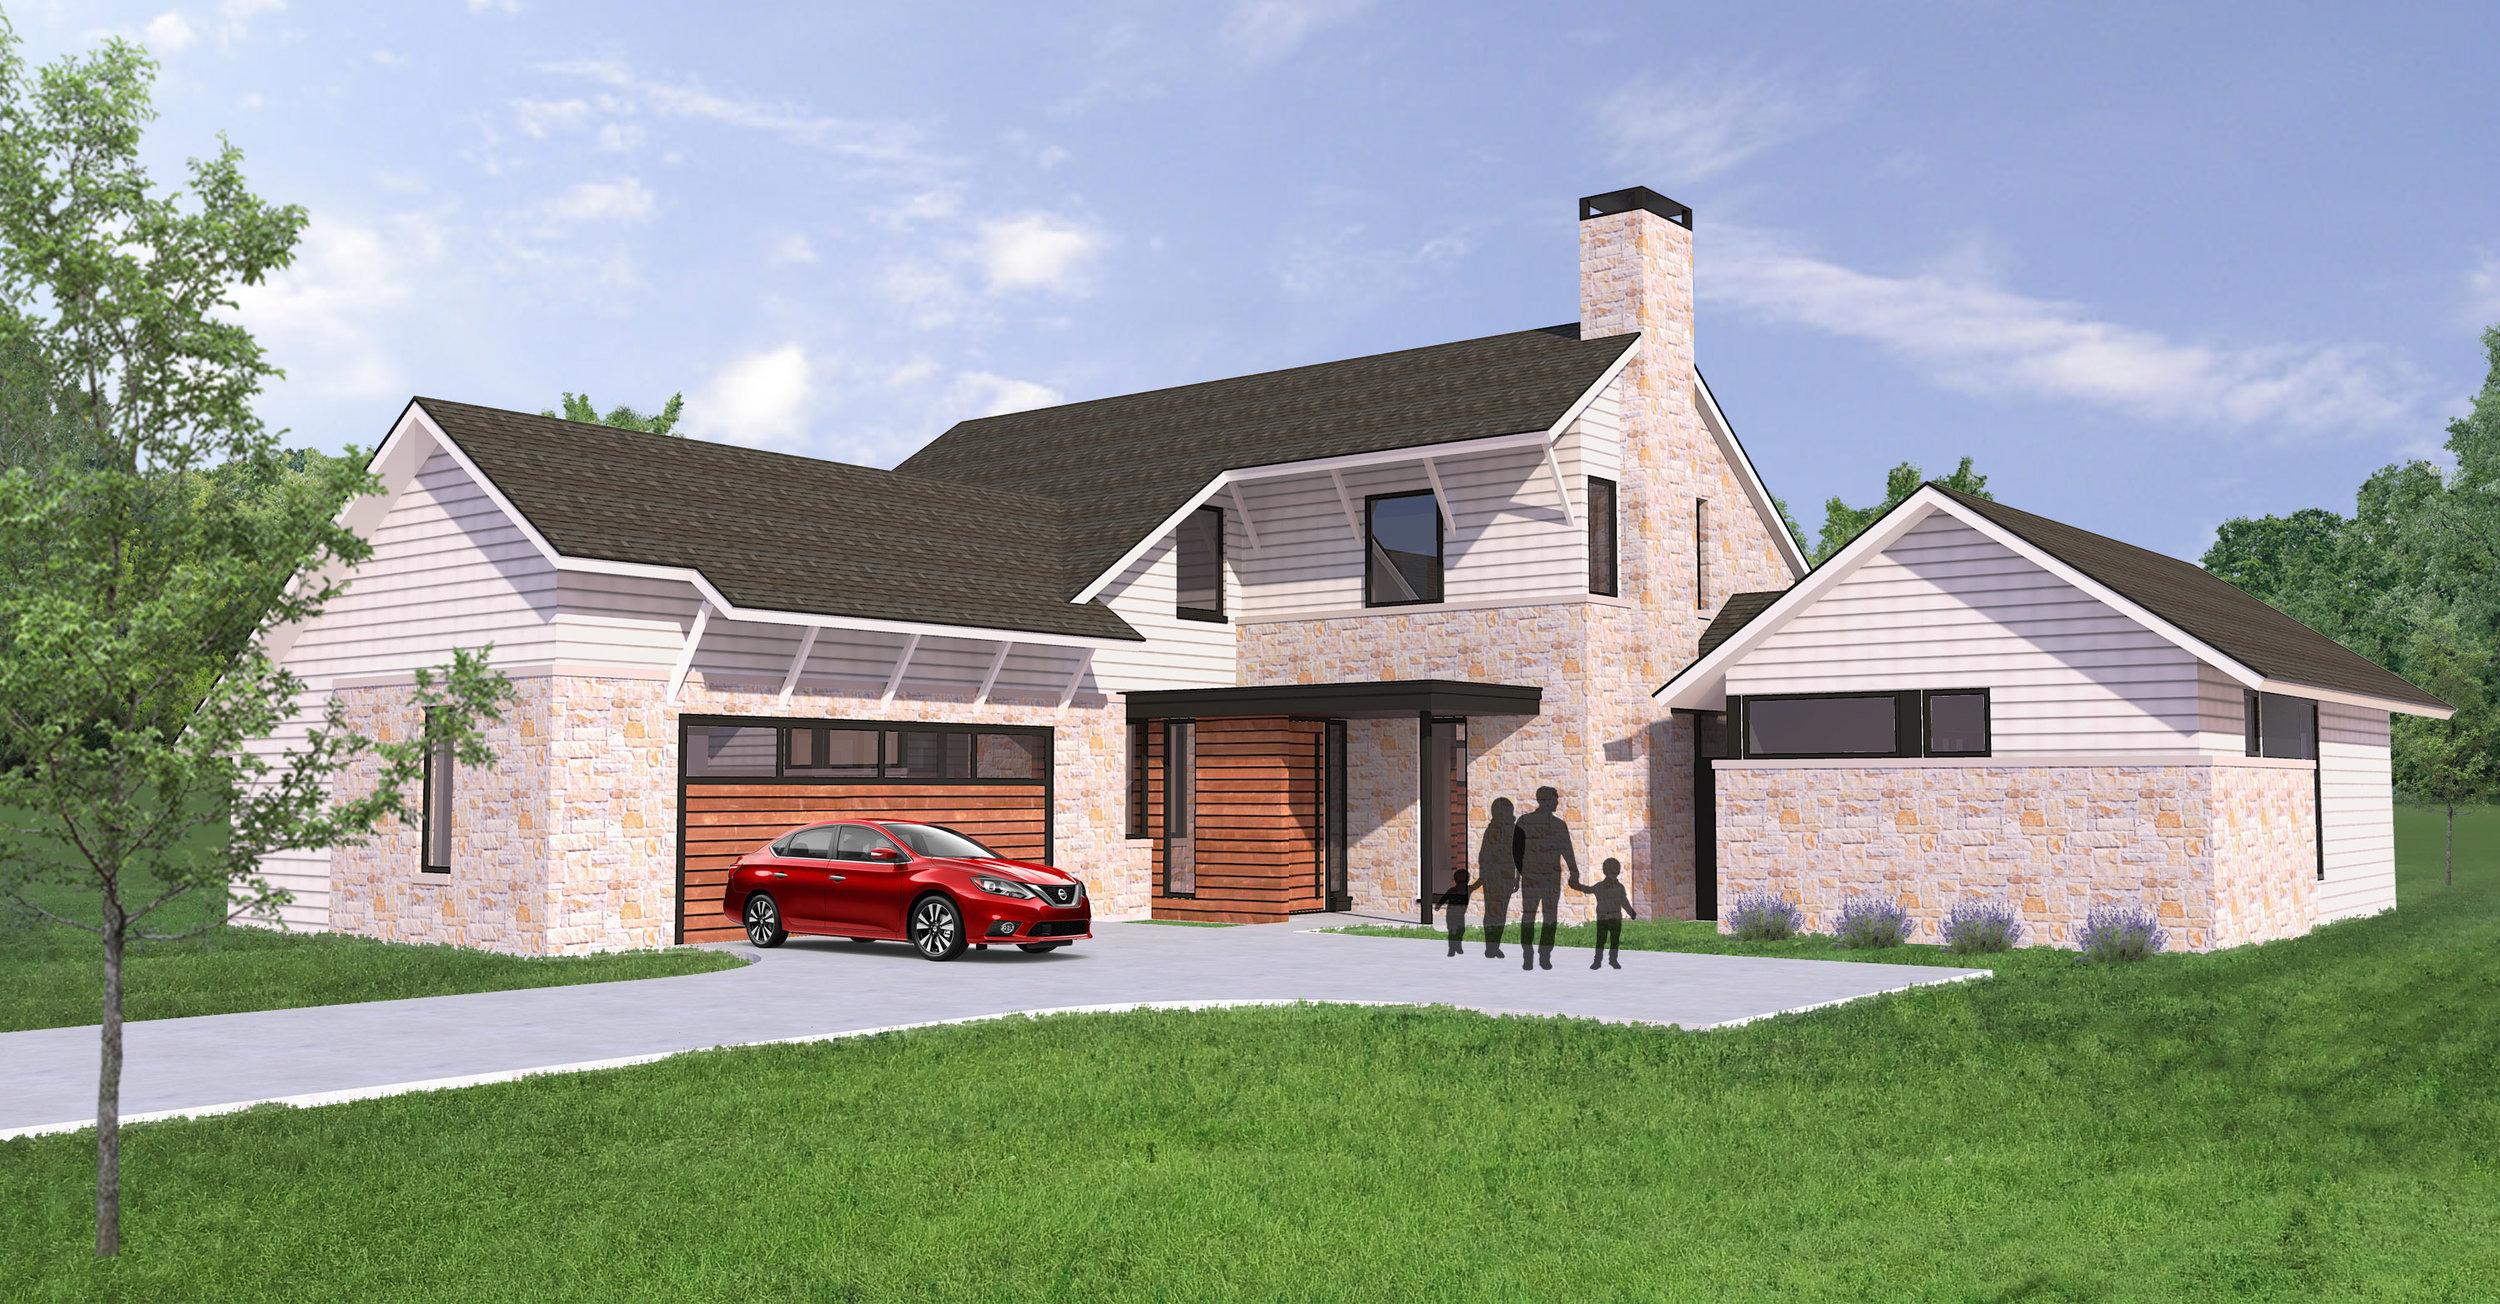 Lot e3 primrose court / 4 bedroom / 2.5 bath / 2 car garage / 2864 conditioned sf